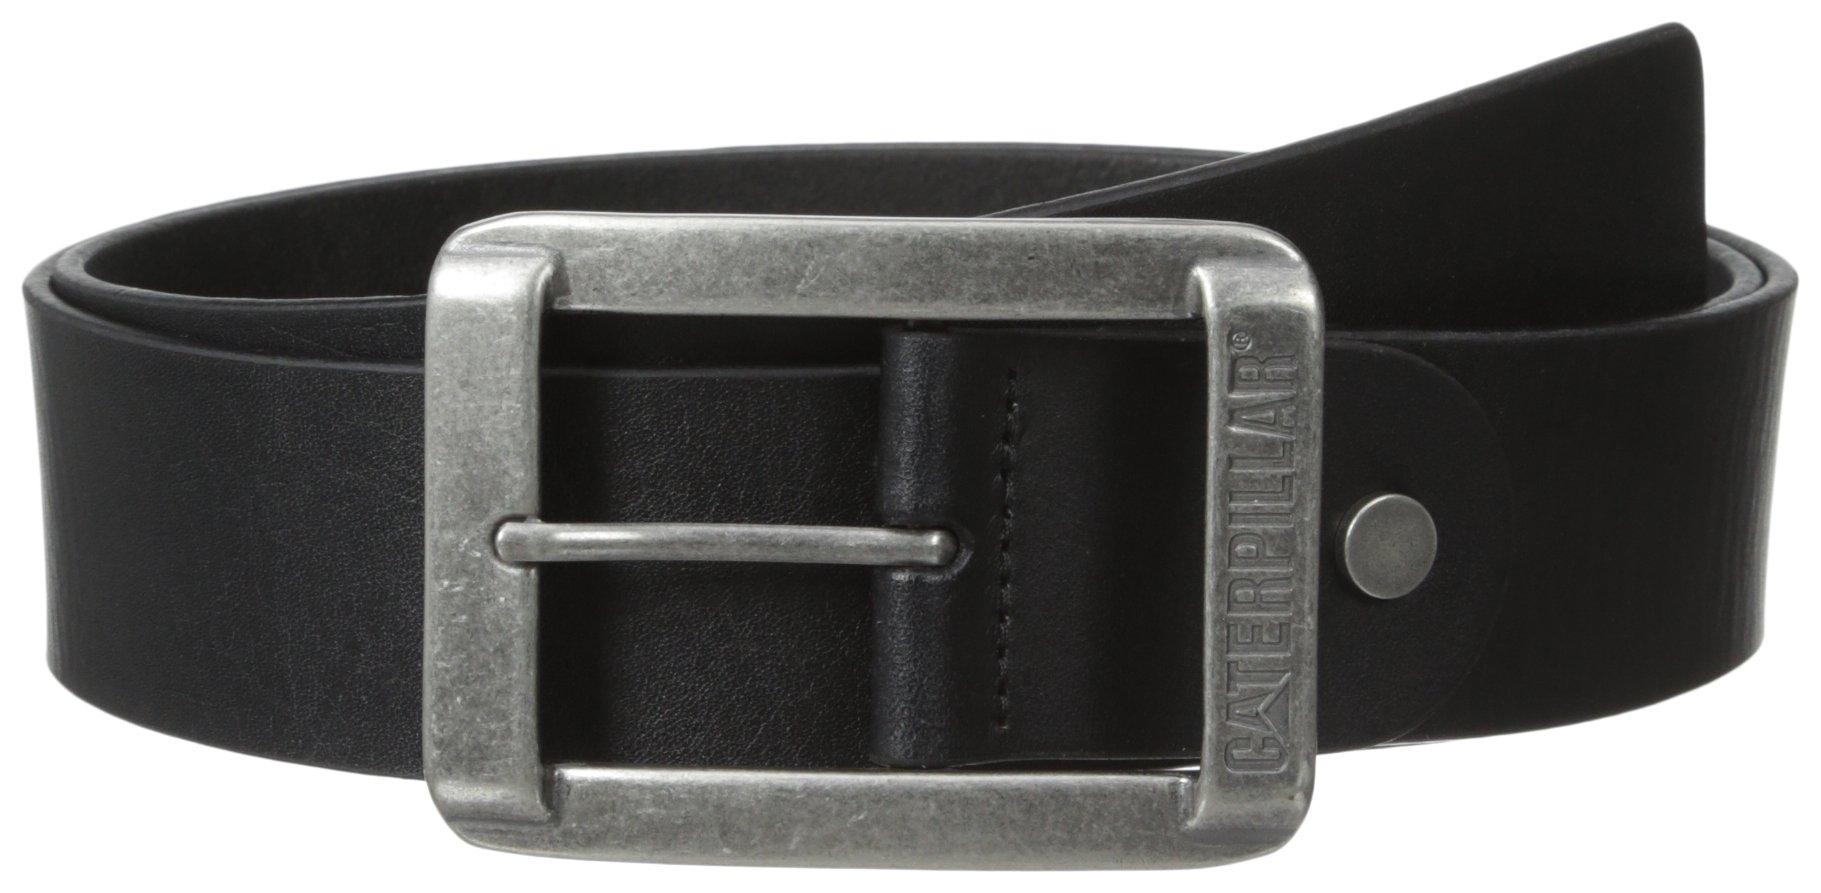 Caterpillar Unisex Value Belt